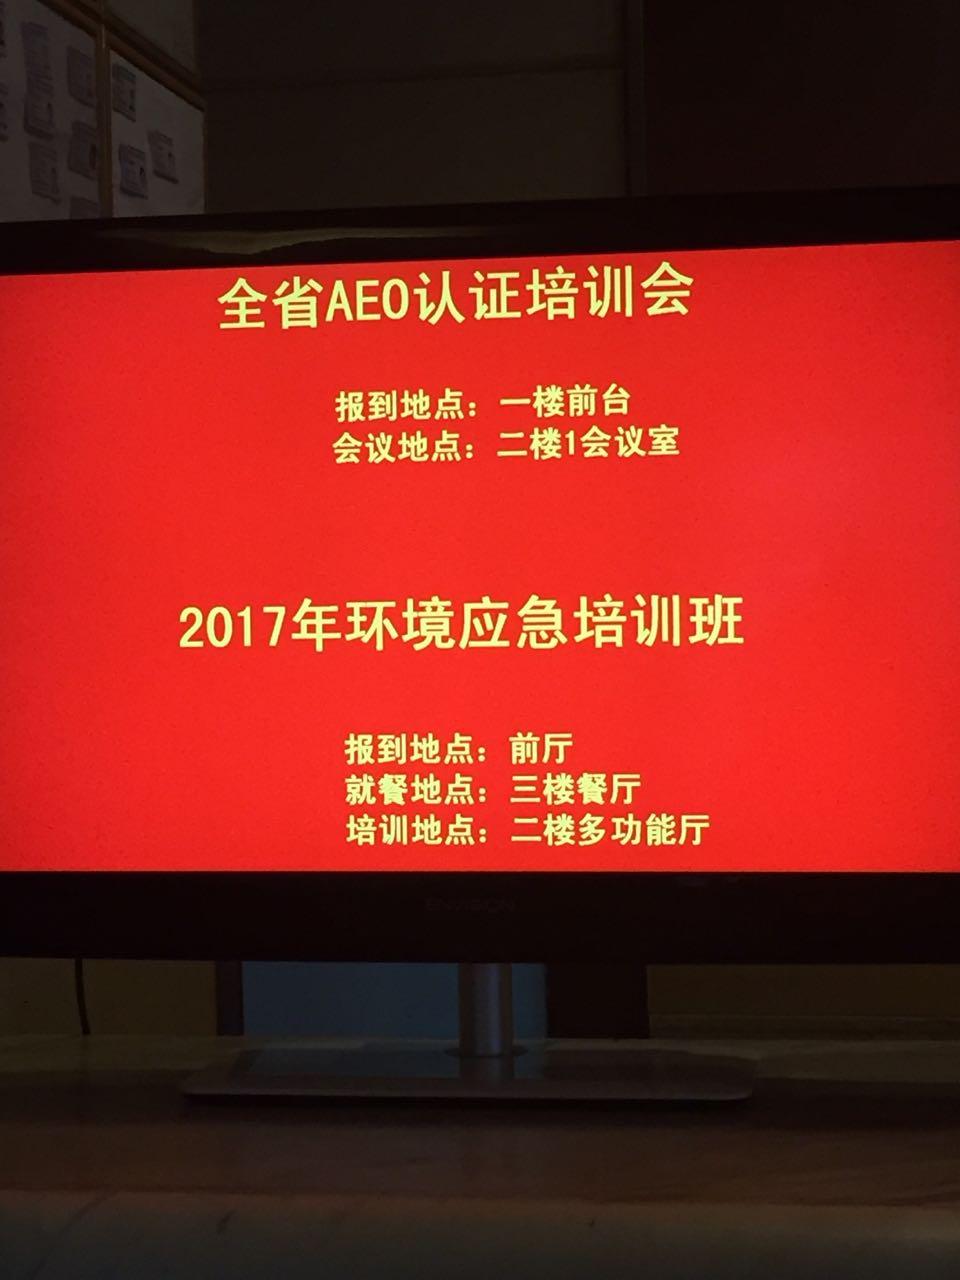 动态 | 促进企业贸易便利化—— AEO认证宣?#25165;?#35757;在贵阳成功举办